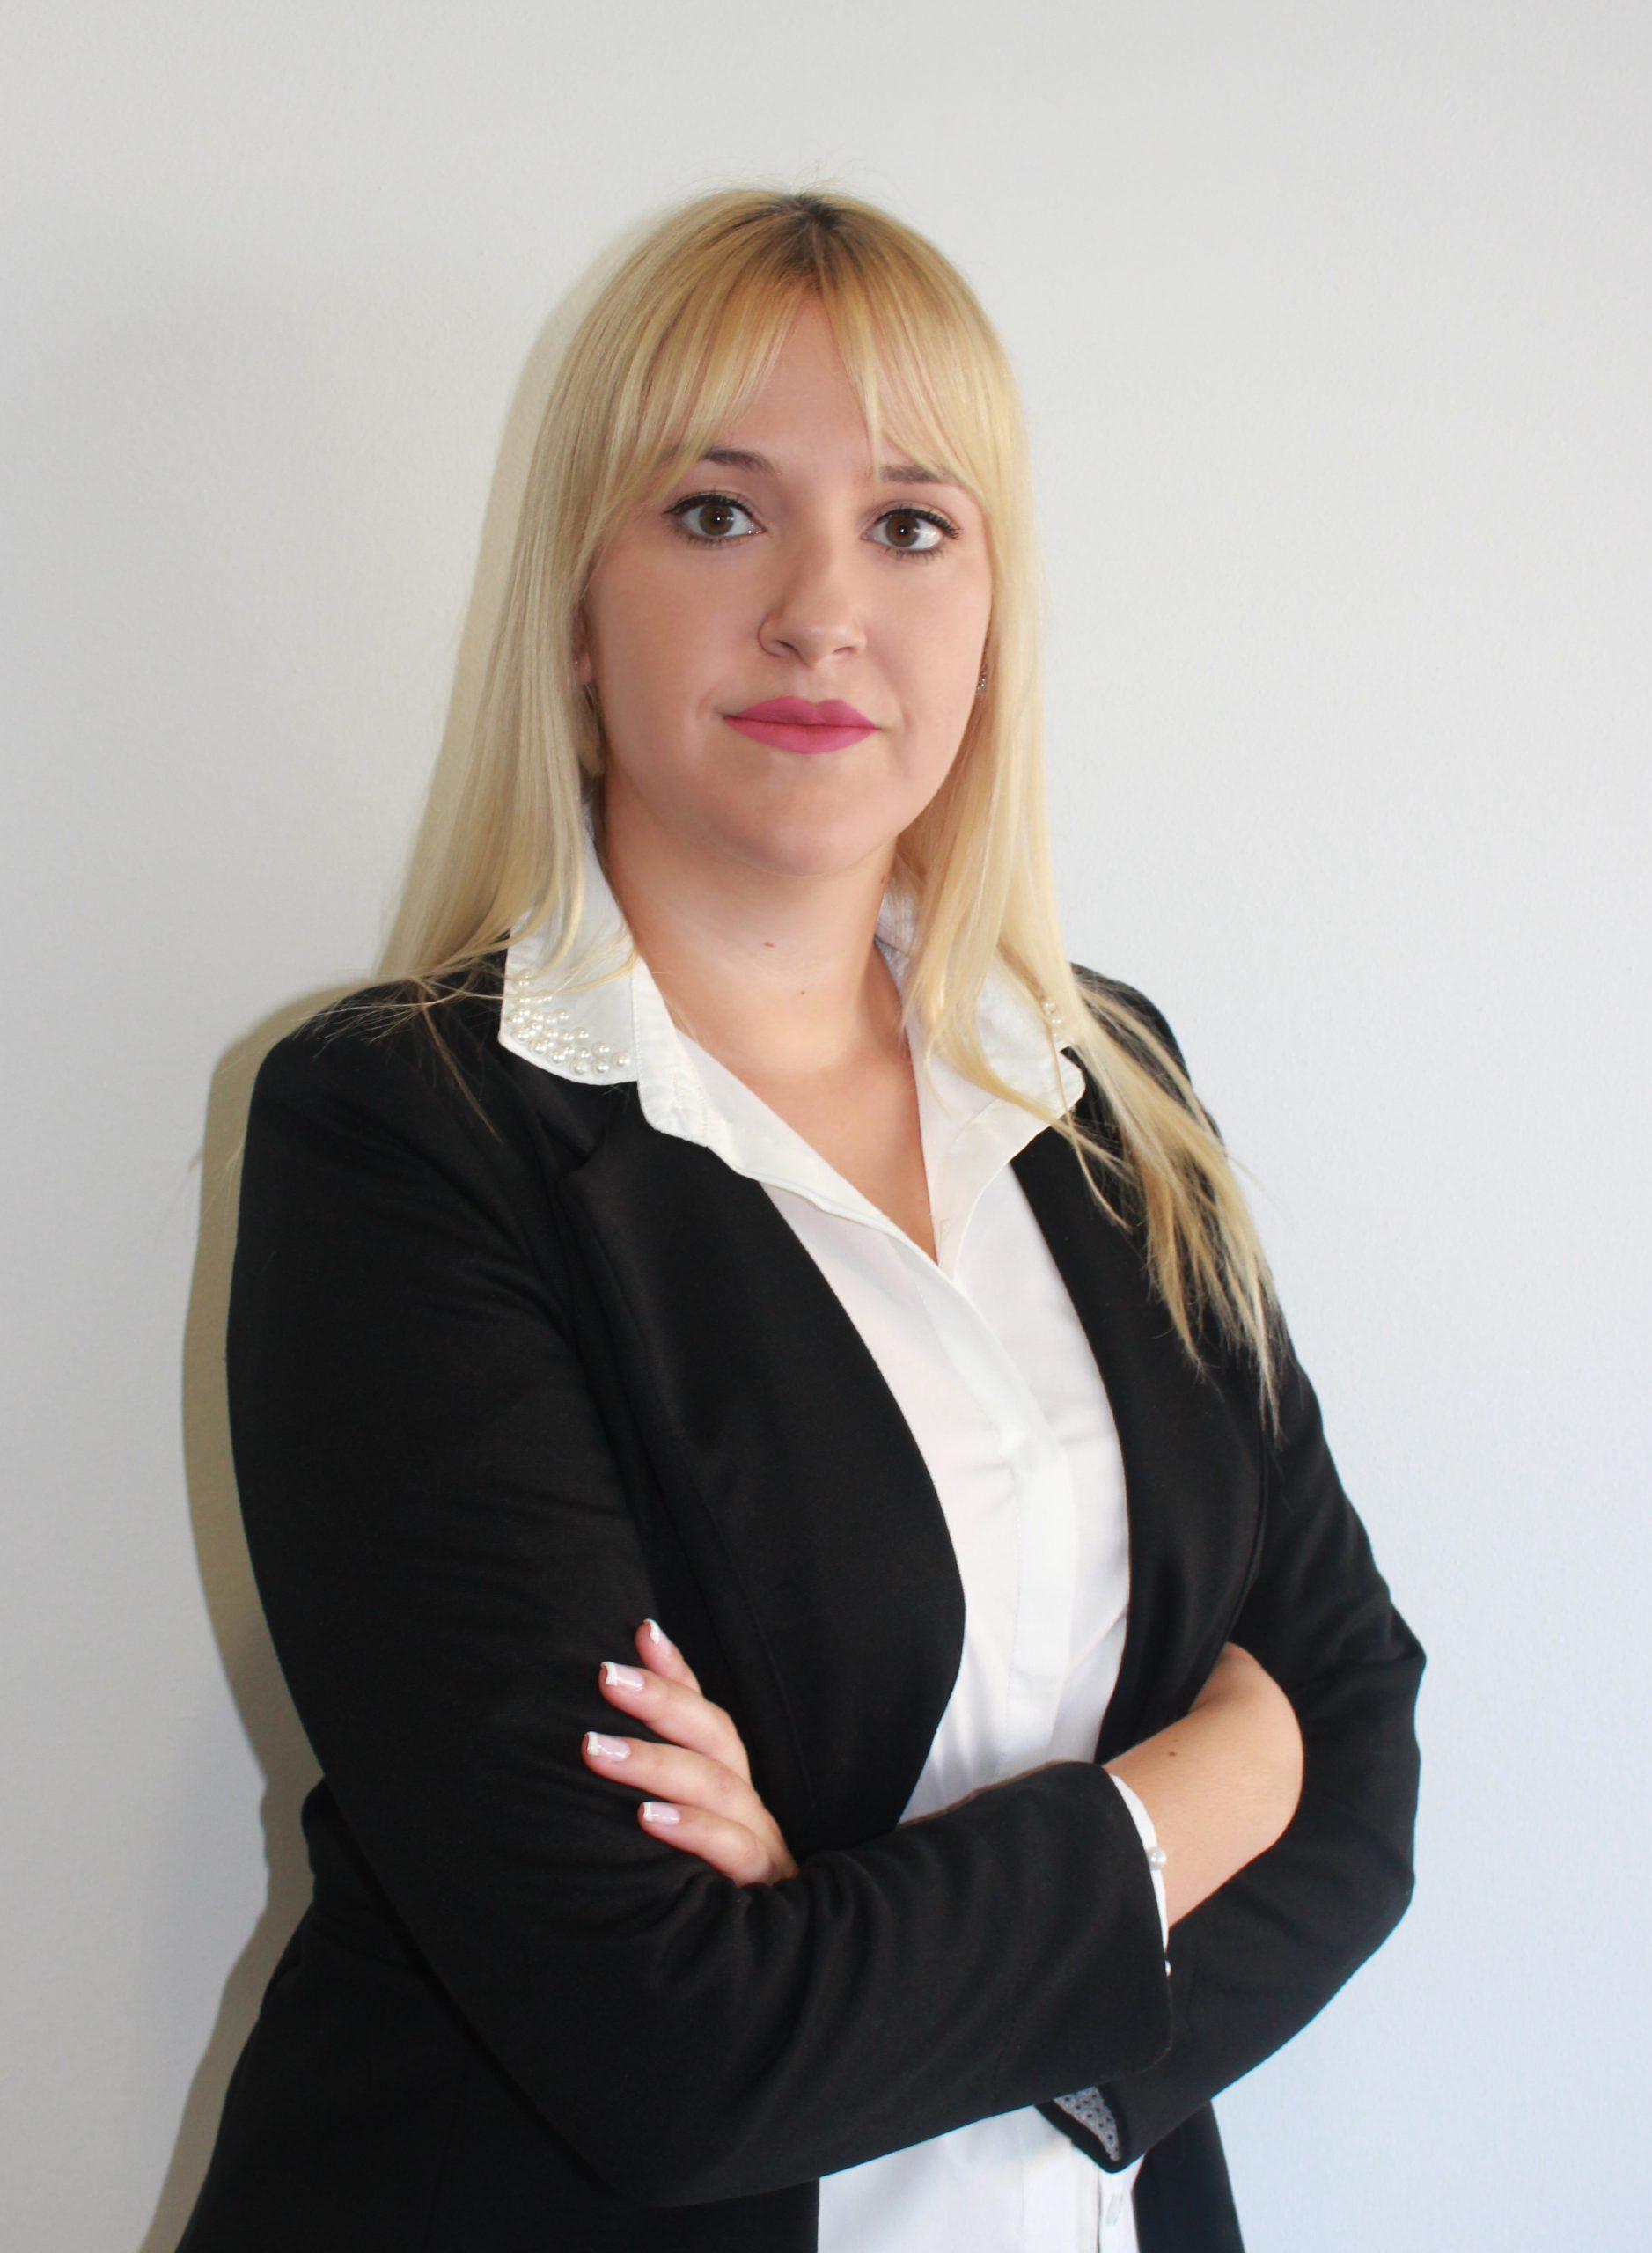 Irene Murcia